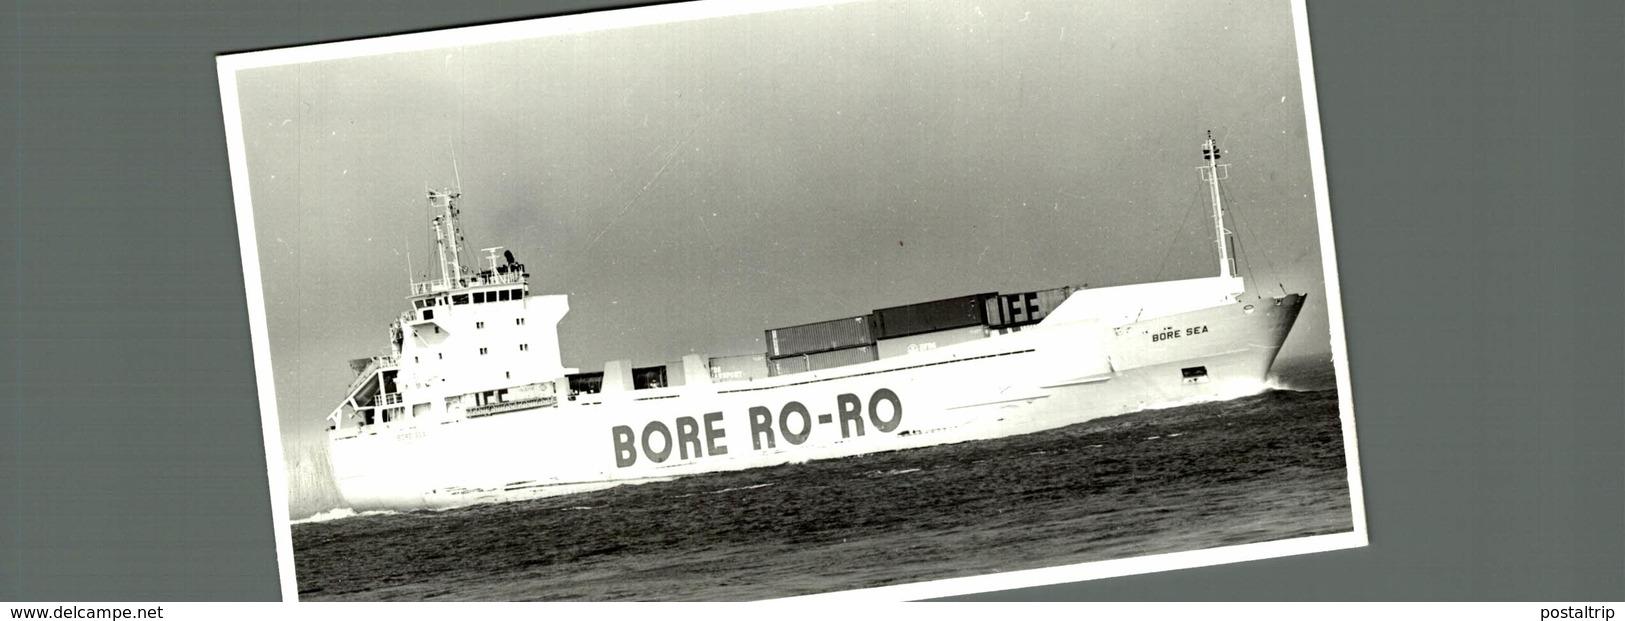 BORE SEA 13*9 Cm  Bateau Barco Bateaux, CARGERO - Barcos